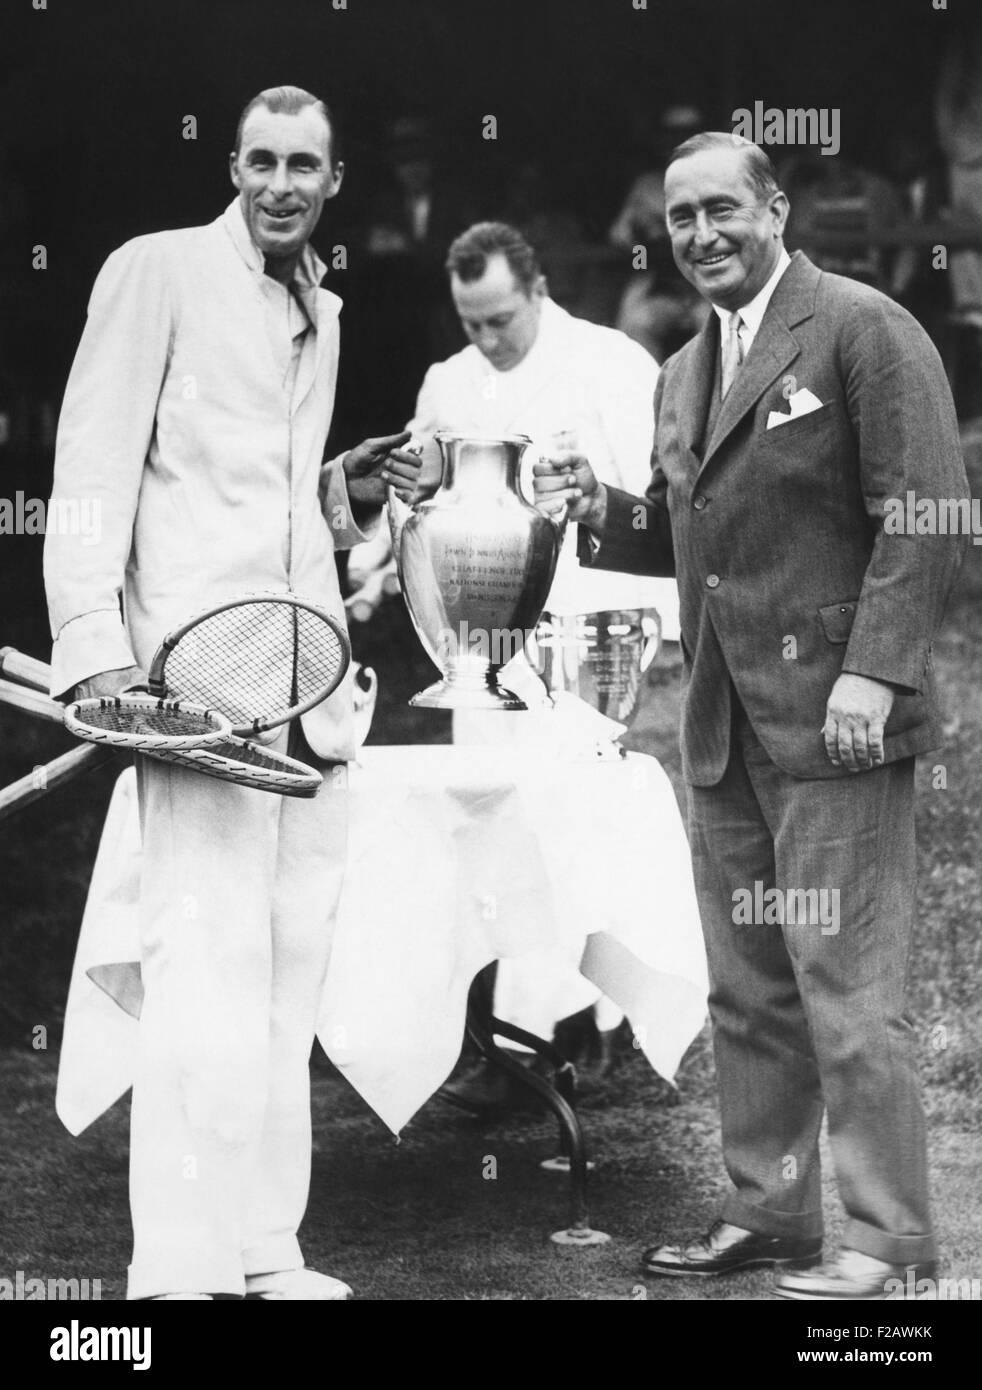 Bill Tilden receives trophy from Samuel Collum after he won the